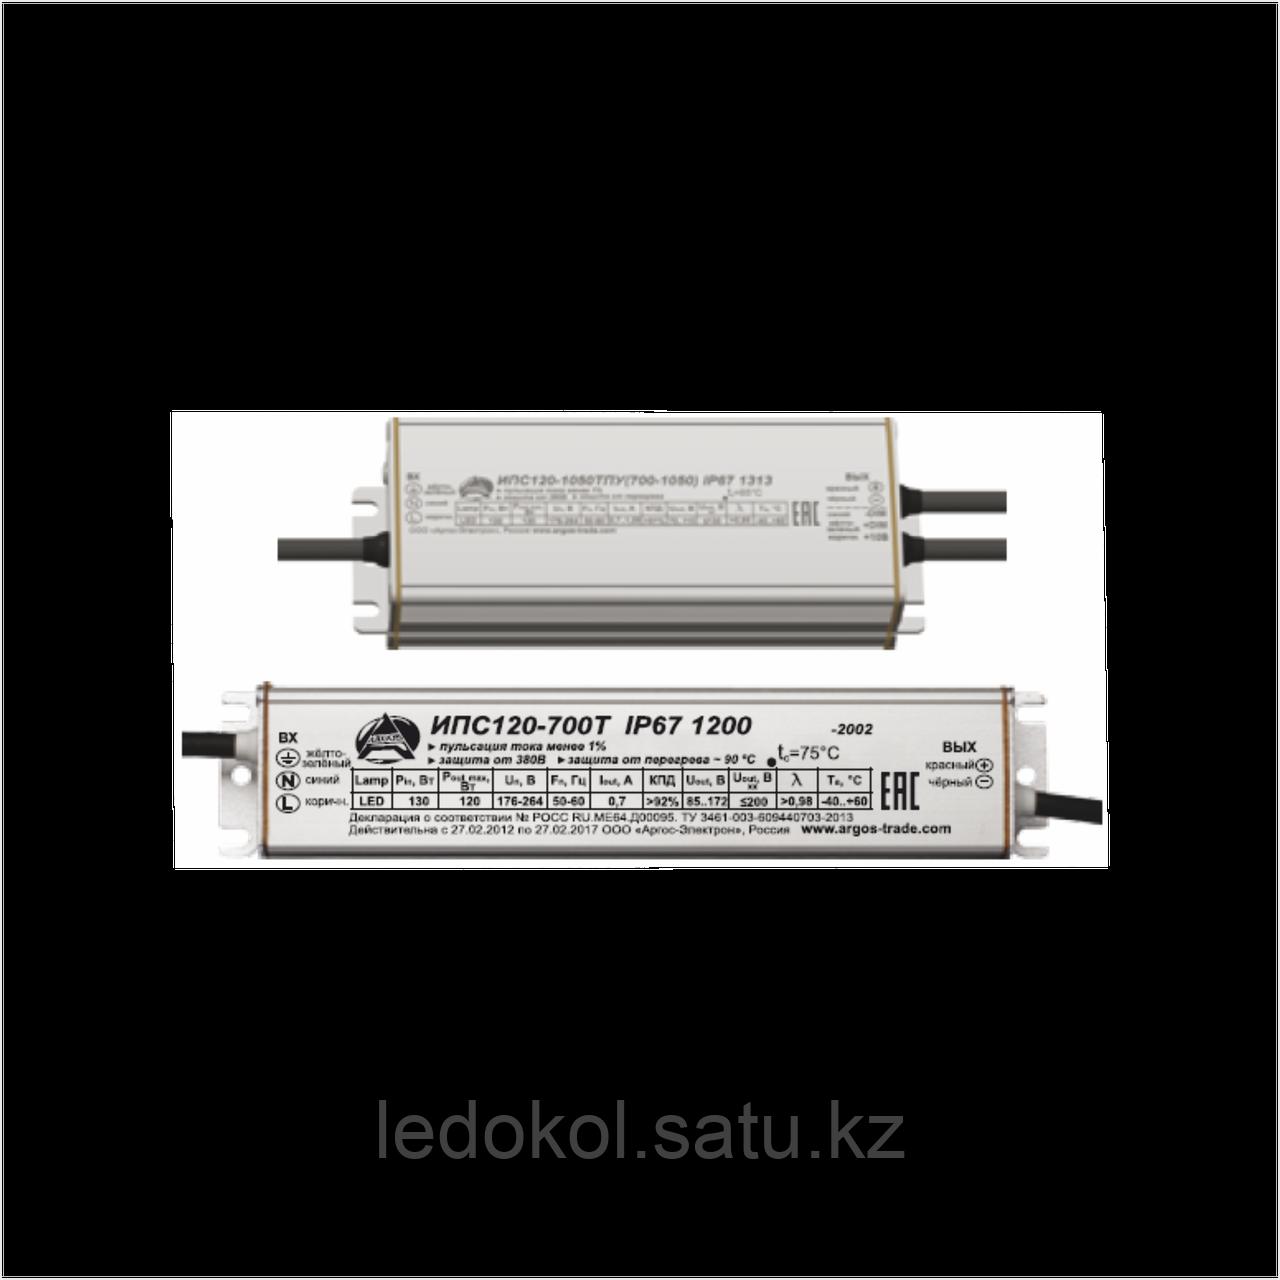 Источник питания Аргос  ИПС120-1050Т IP67 1200